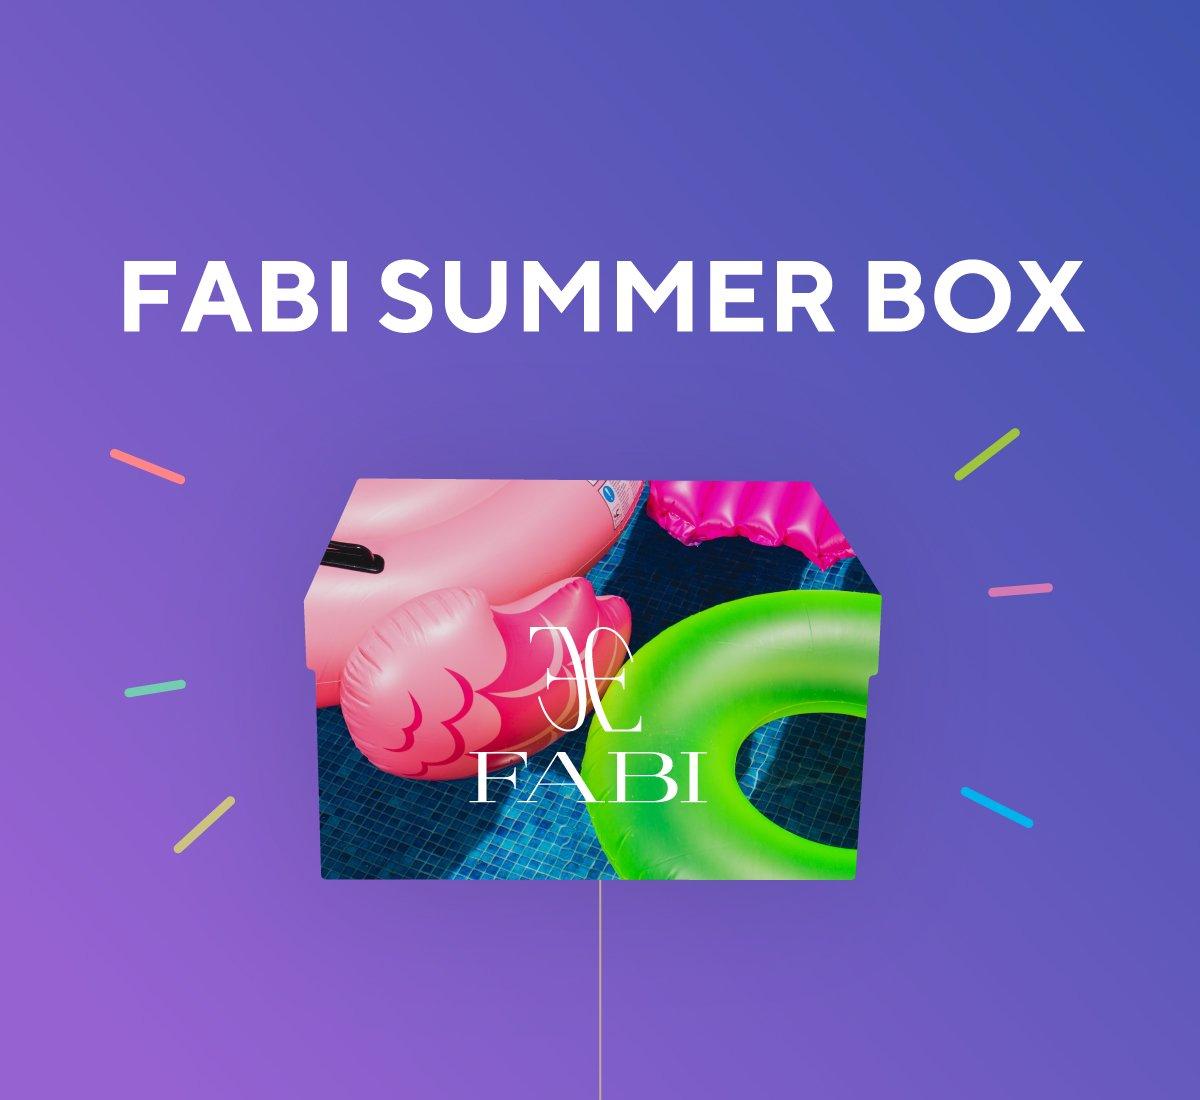 WOMAN FABI SUMMER BOX